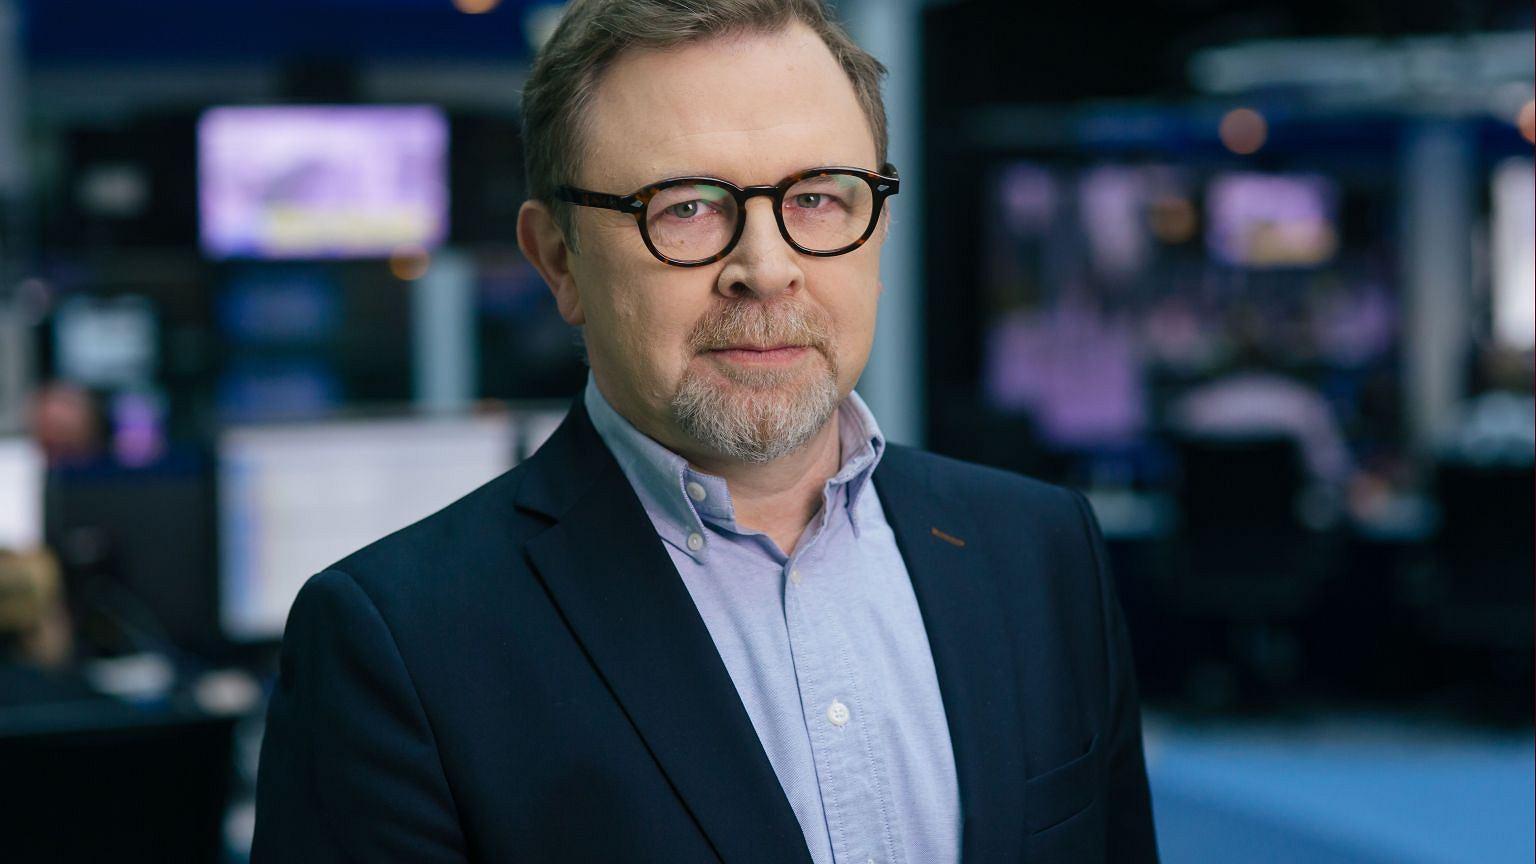 Wojciech Zimiński